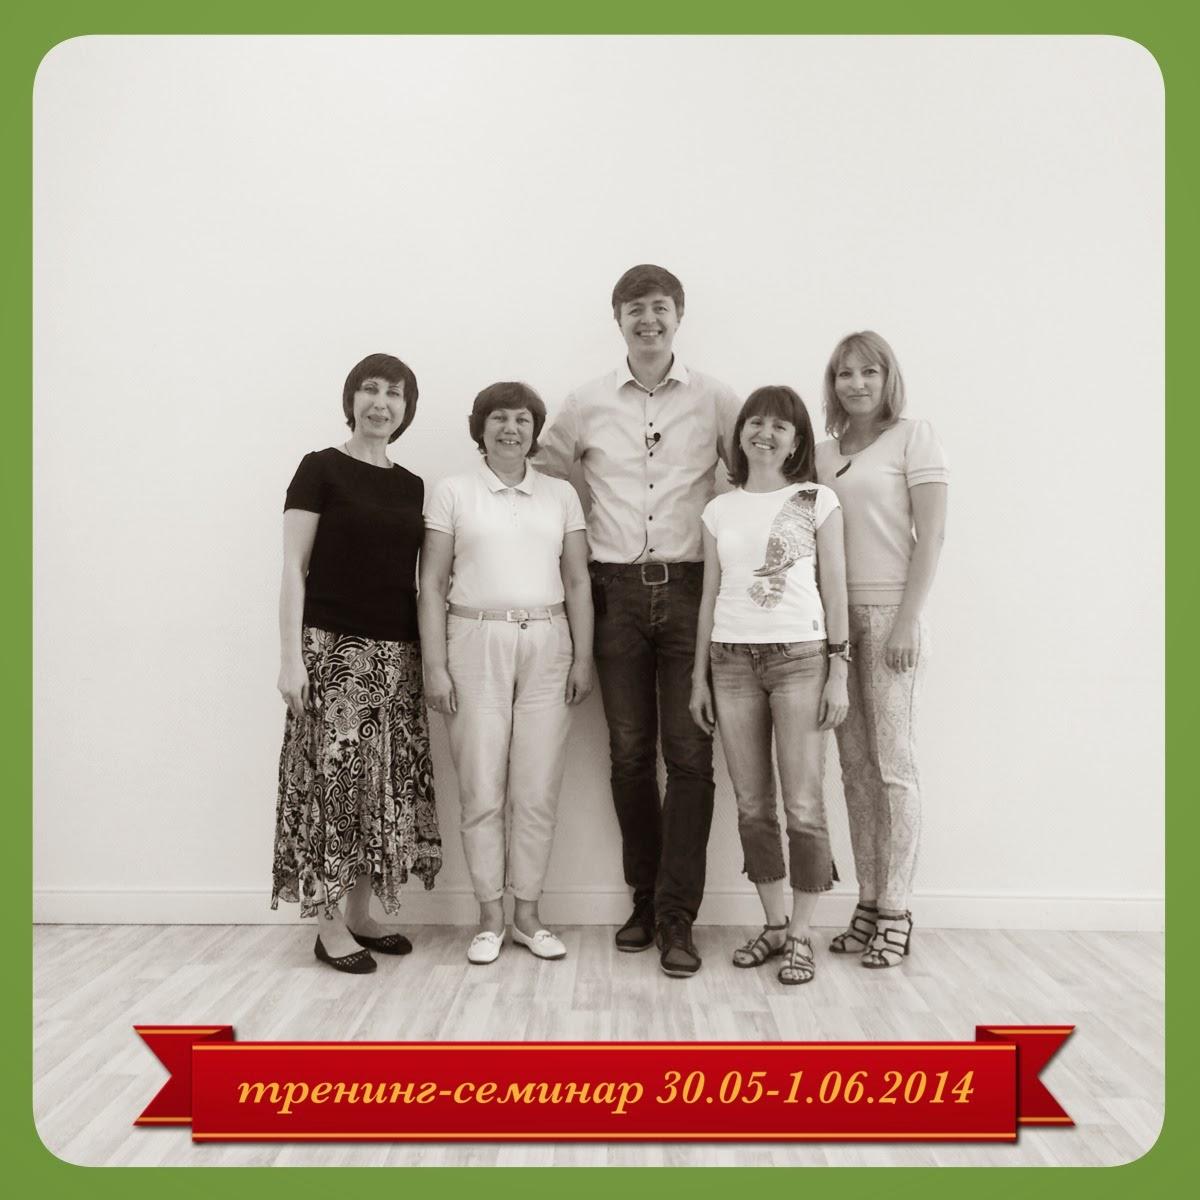 группа участников тренинг-семинара шрс москва